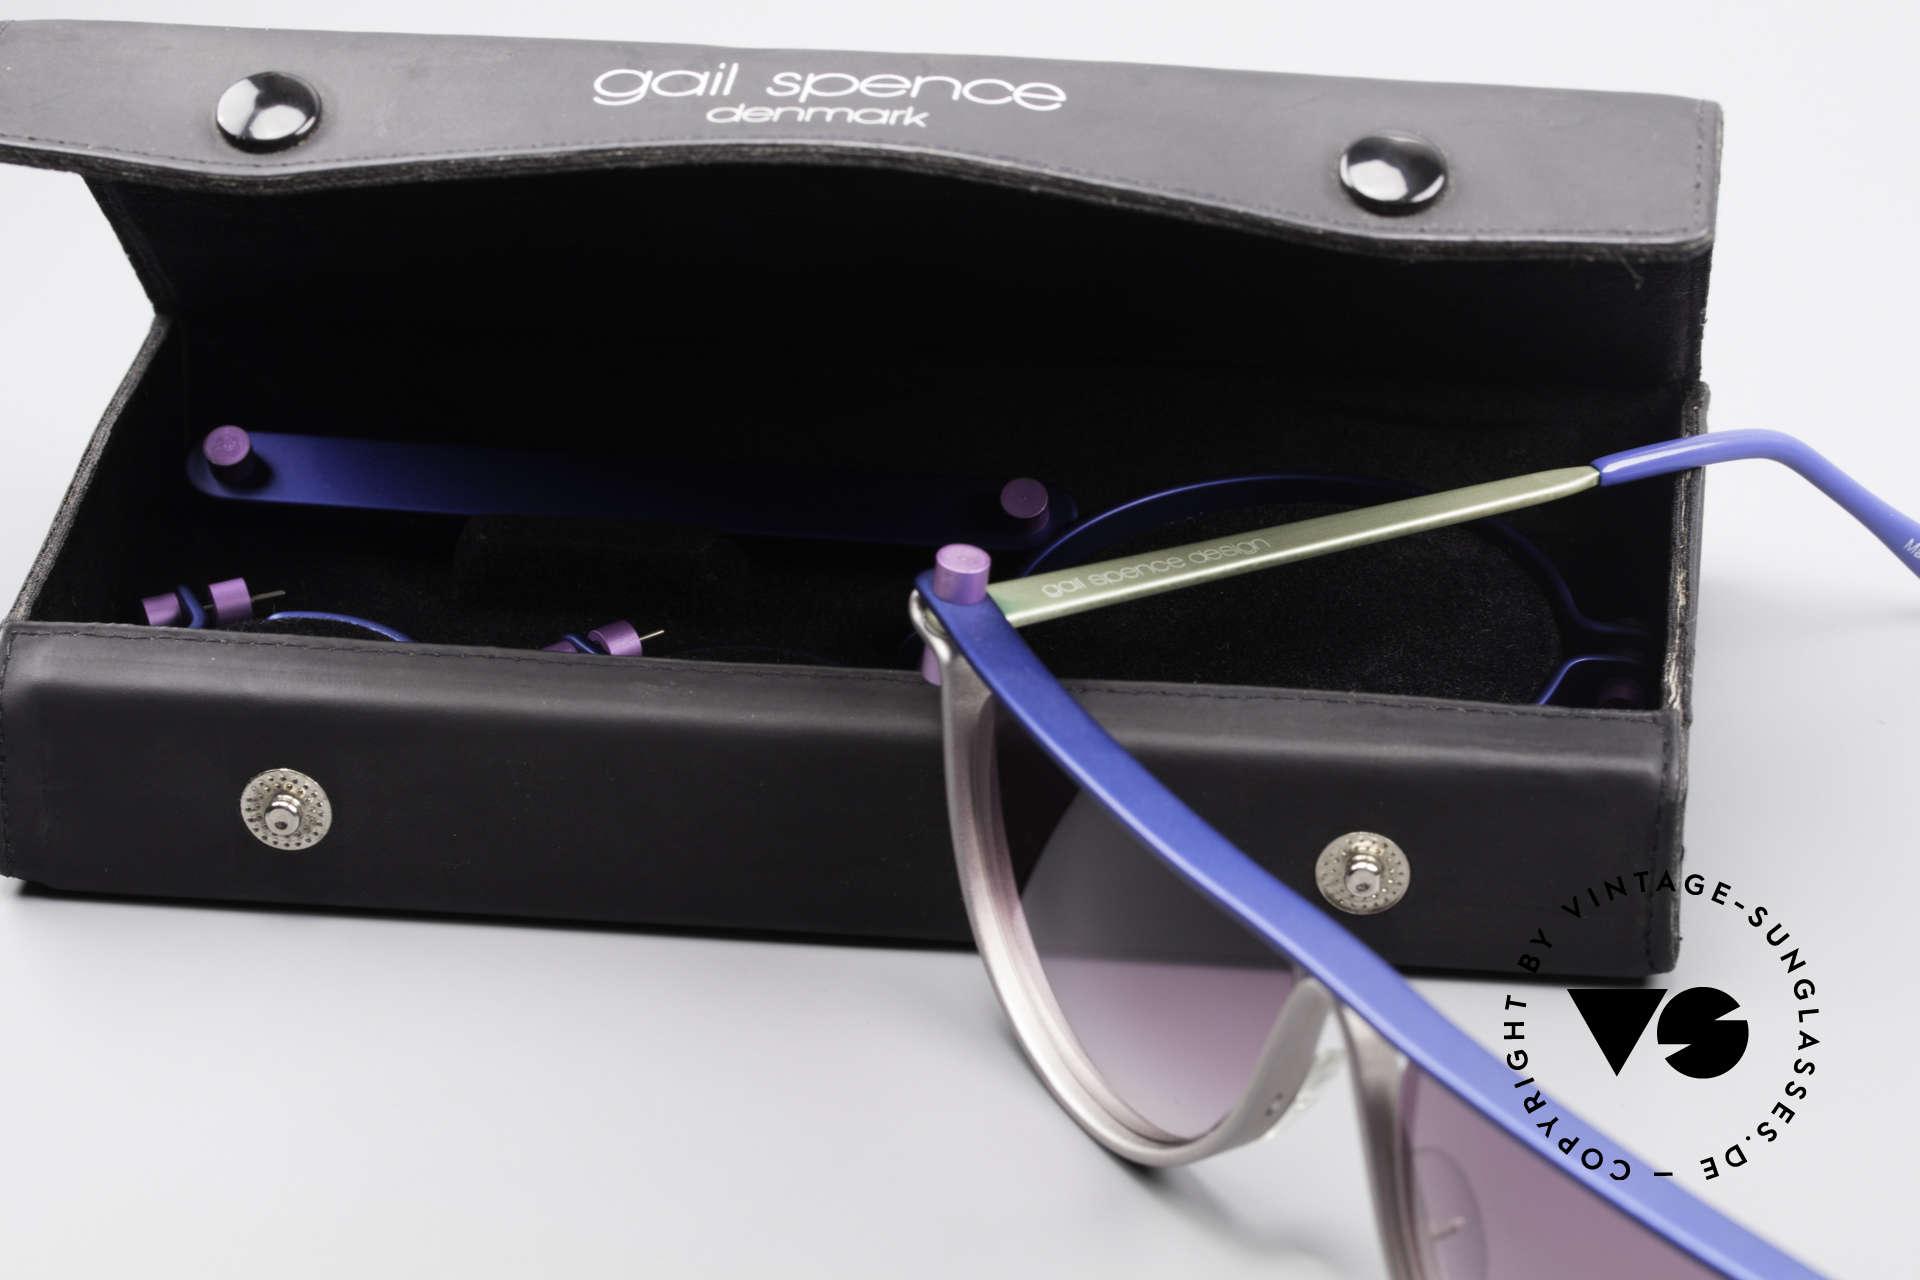 ProDesign No5 Ohrringe Haarspange Armband, limitierte Sonder-Edition und wahres Sammlerstück, Passend für Damen